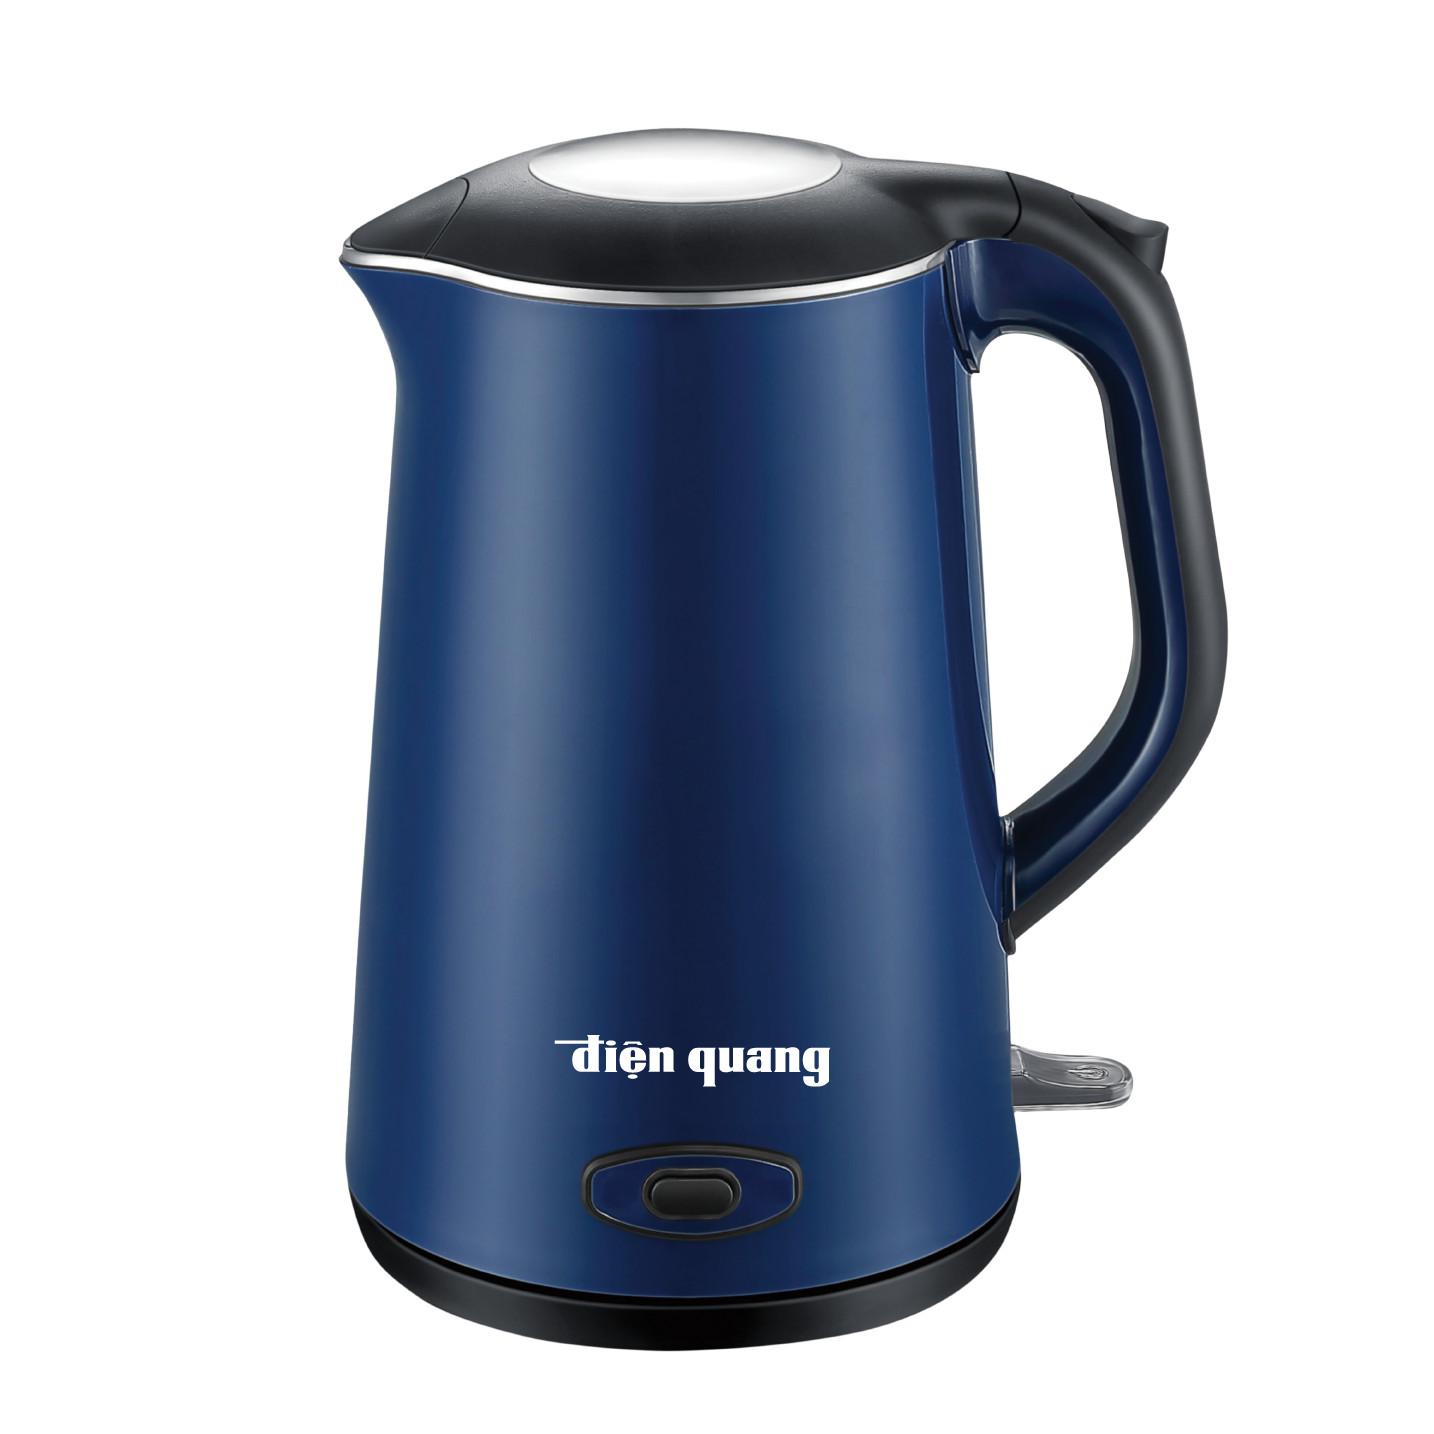 Ấm đun nước cao cấp Điện Quang ĐQ EKT09 1515 B KW (1500W, 1.5L, inox 304, vỏ 2 lớp, màu xanh dương, có chức năng giữ ấm) - Hàng chính hãng